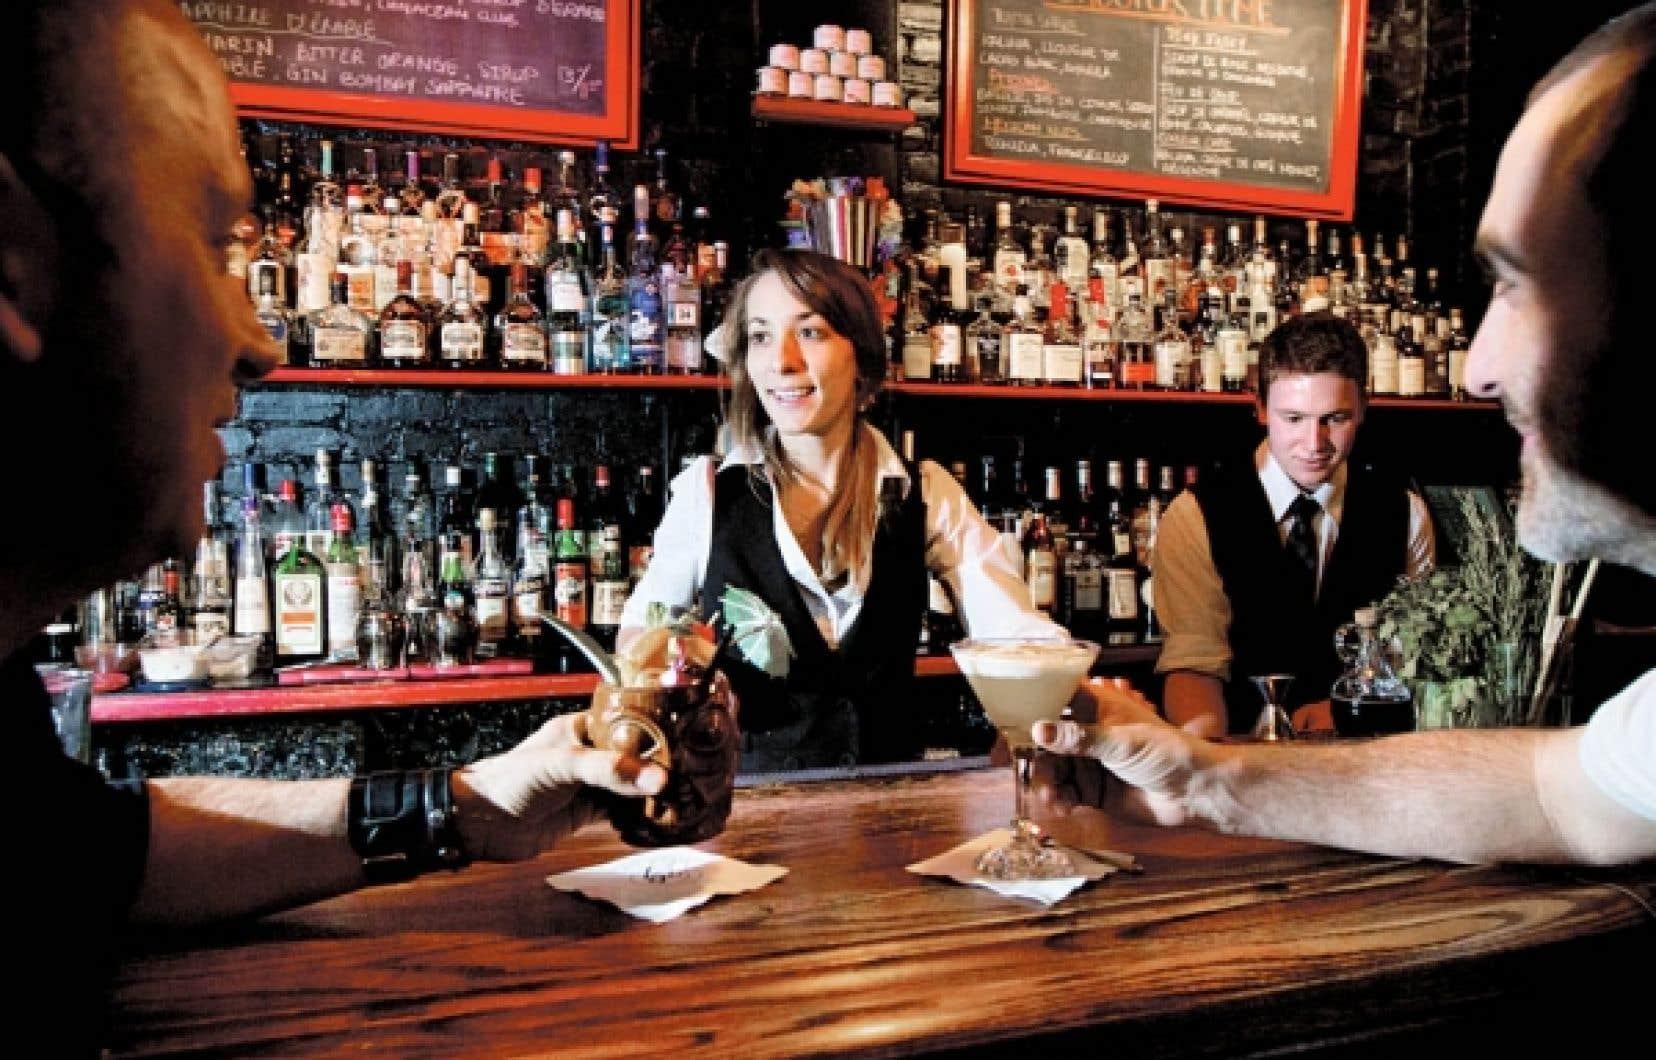 Véritable pharmacie, avec ses élixirs et flacons, le Lab comptoir à cocktails de Montréal est l'un de ces débits inspirés des speakeasy de la Prohibition. Si sa carte saisonnière fait une belle place aux cocktails d'inspiration classique, il prépare aussi le terrain pour la renaissance du Tiki, qui fait un retour flamboyant ces jours-ci à New York. <br />